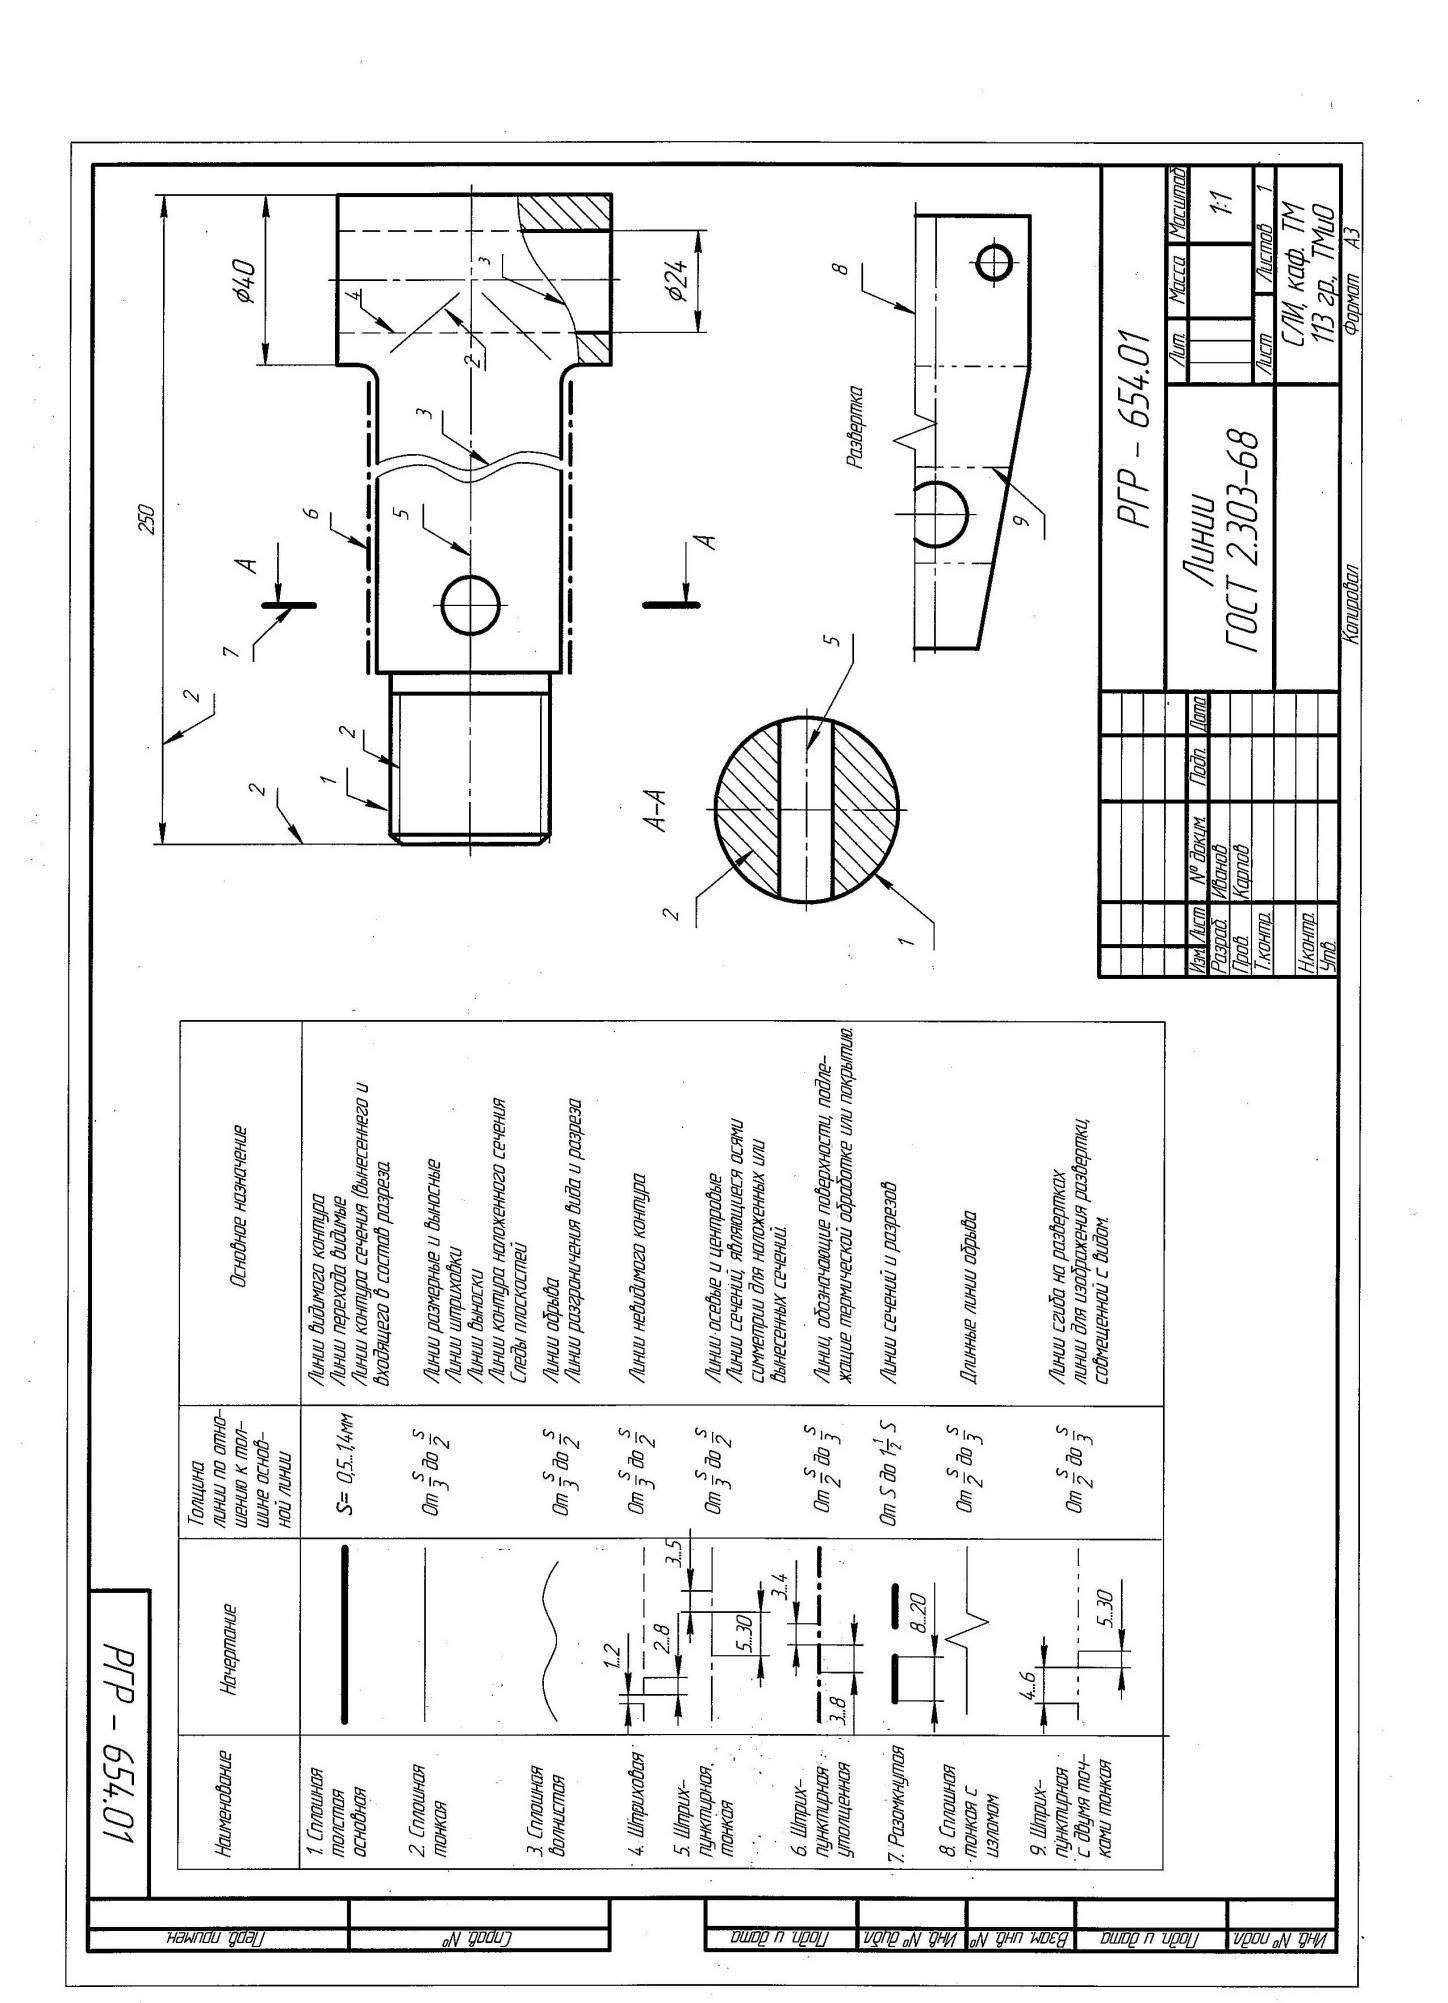 Не могу понять сколько сантиметров таблица и детали, (то что там написано в мм это просто же вроде сколько линия должна быть ) помогите срочно нужно)))?